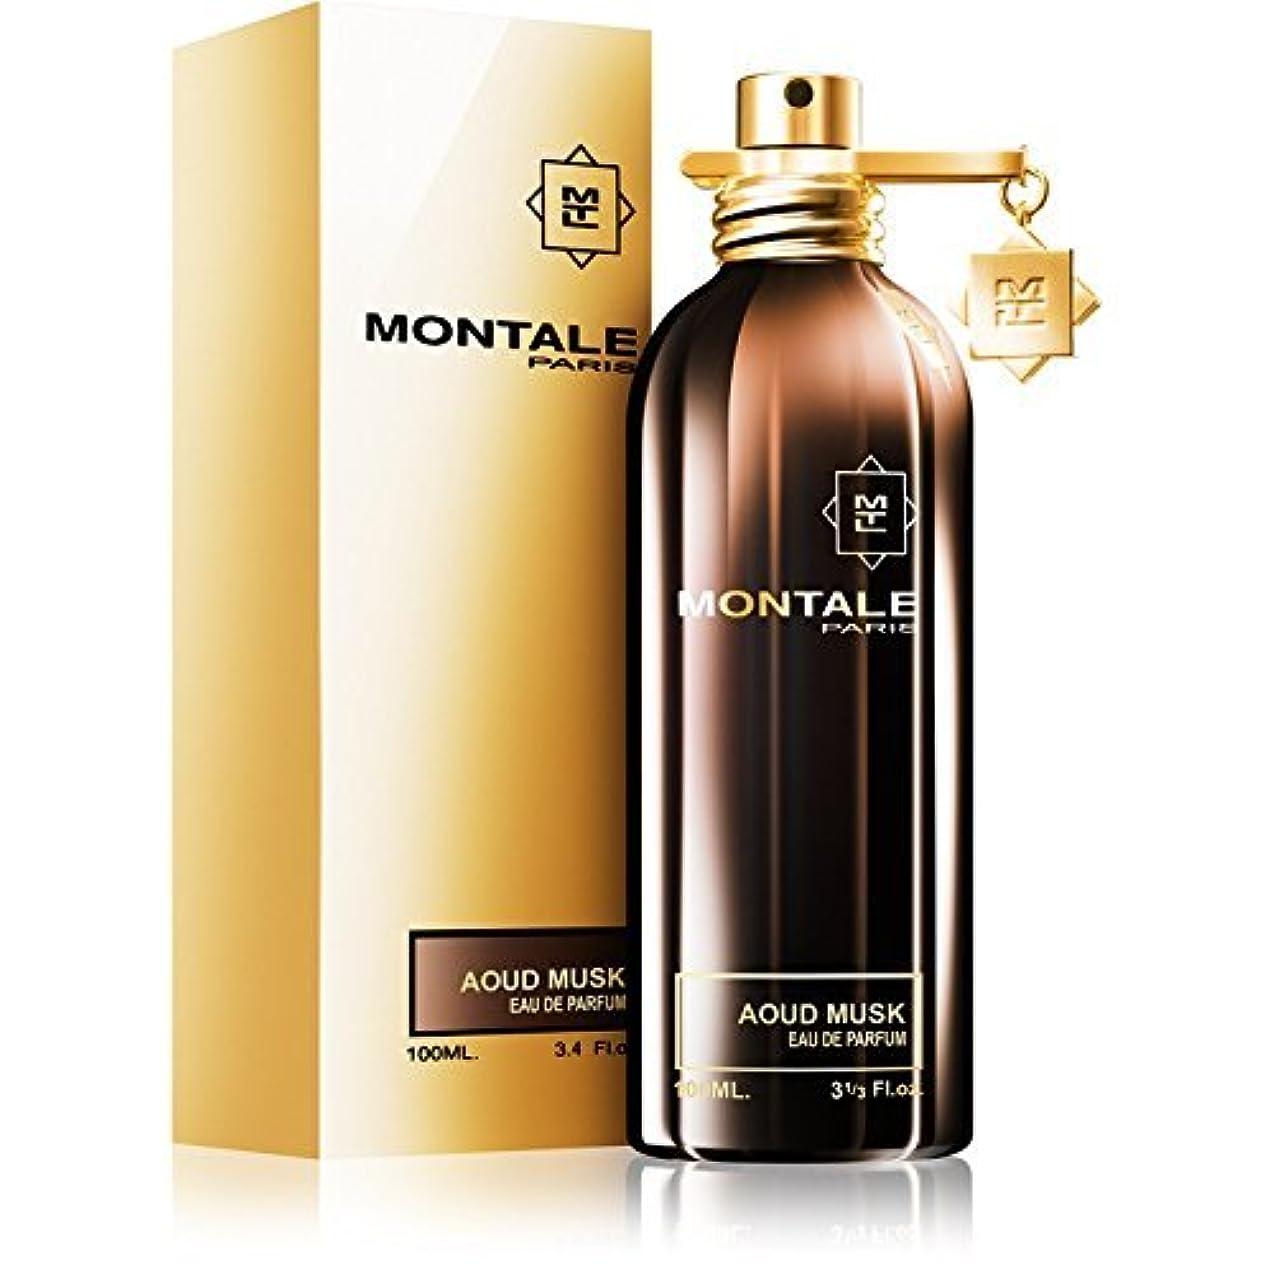 調停する絶望トロリーバスMONTALE AOUD MUSK Eau de Perfume 100ml Made in France 100% 本物のモンターレ アラブ ムスク香水 100 ml フランス製 +2サンプル無料! + 30 mlスキンケア無料!